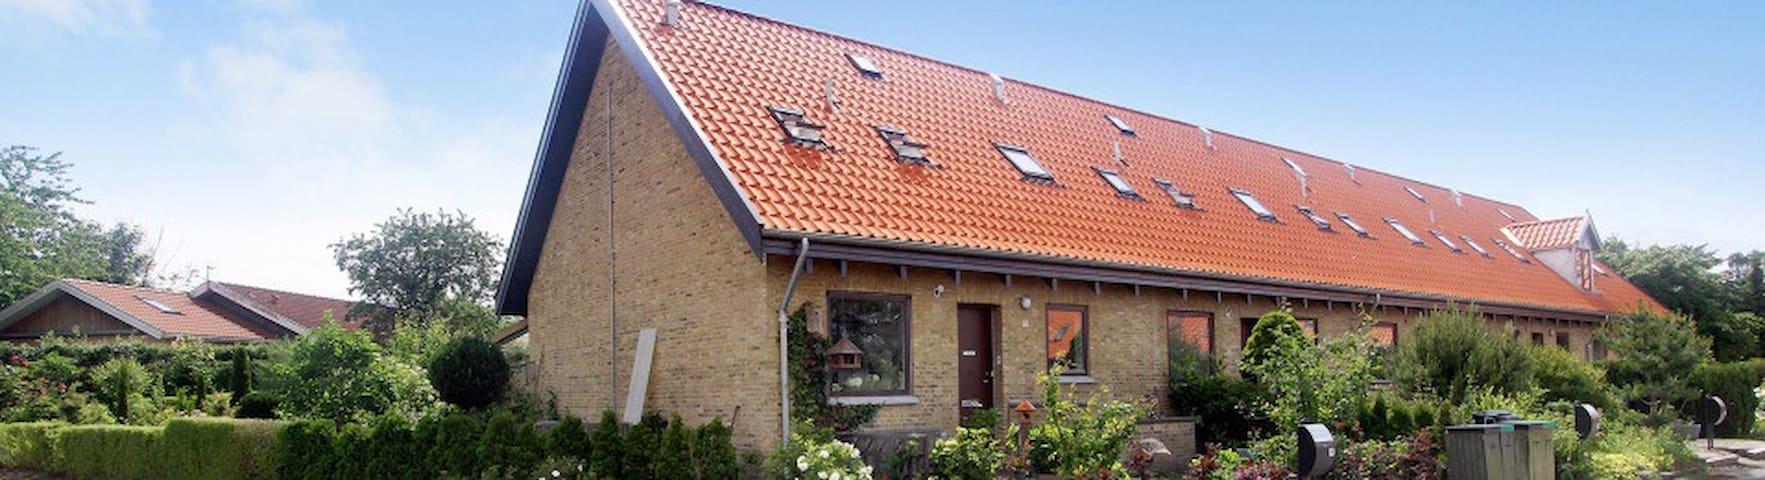 Hyggeligt rækkehus tæt ved strand - Humlebæk - House